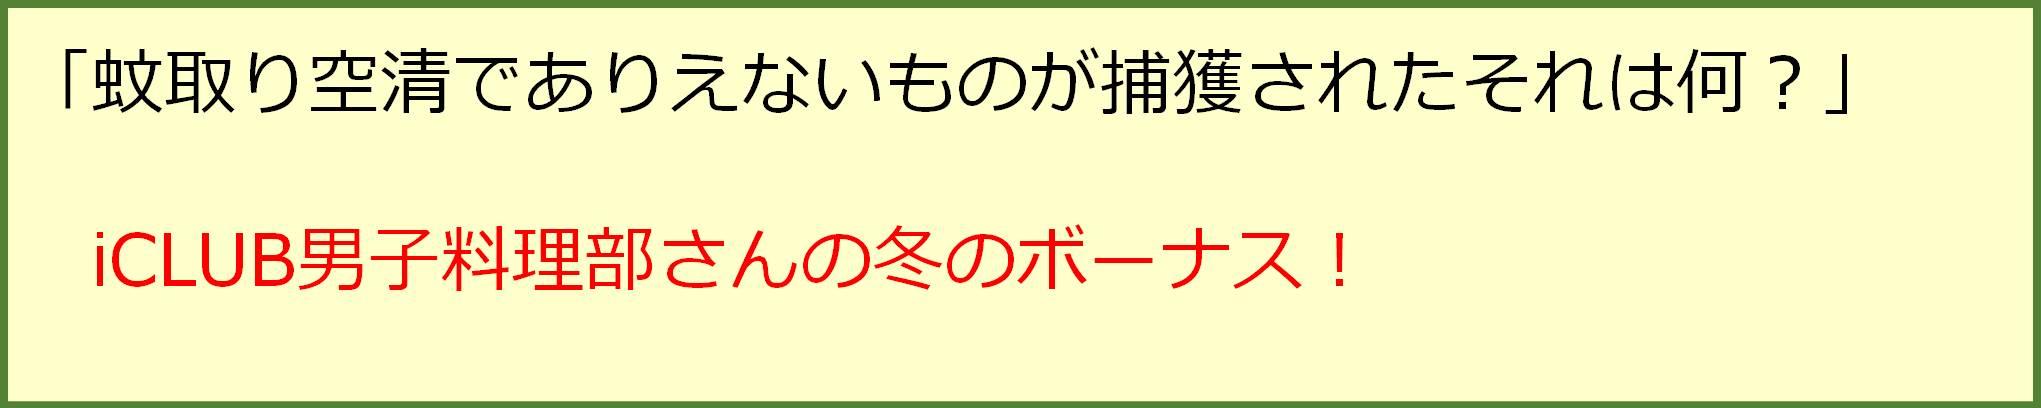 image_161027_1-2